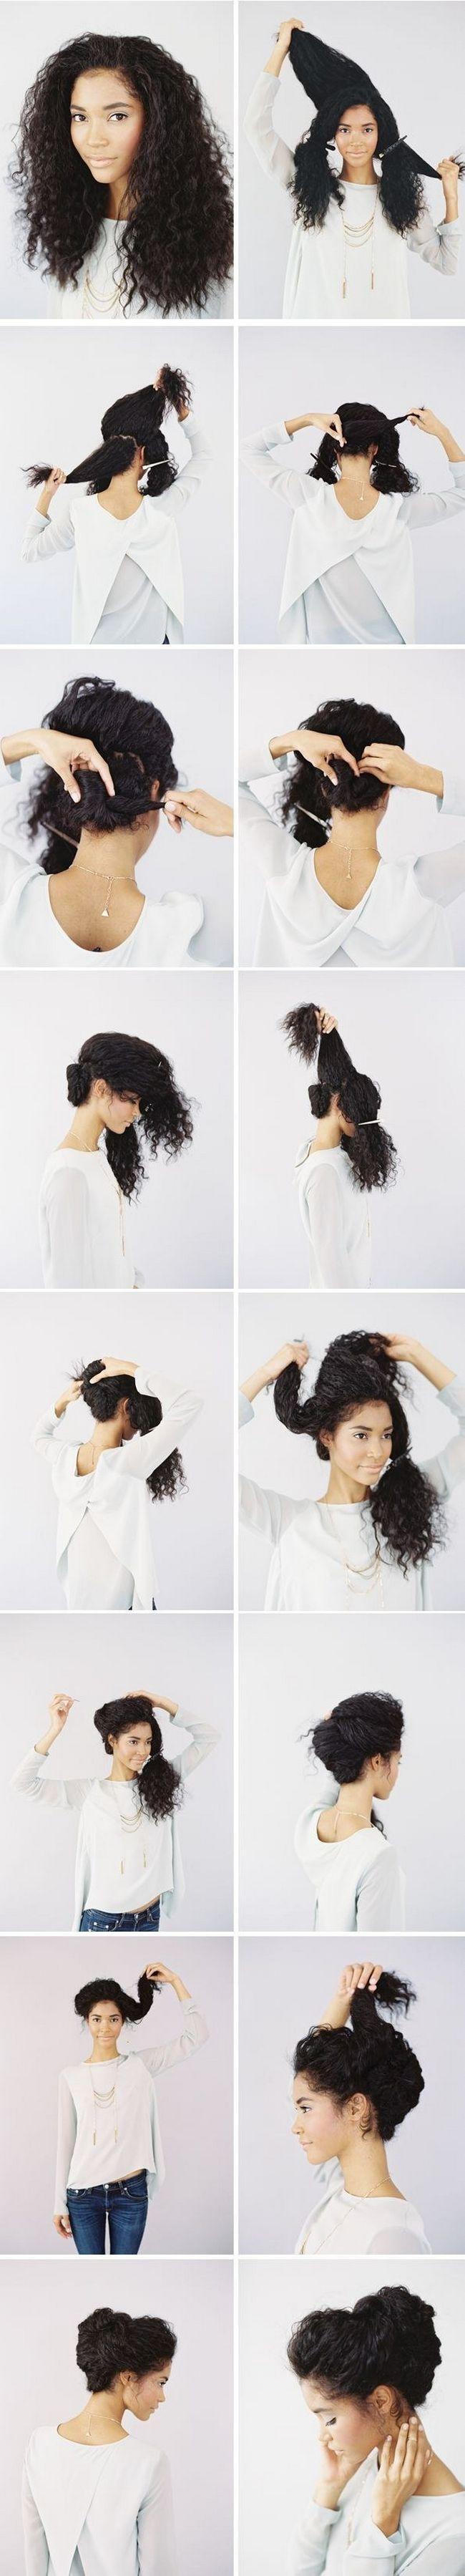 penteados-simples-12